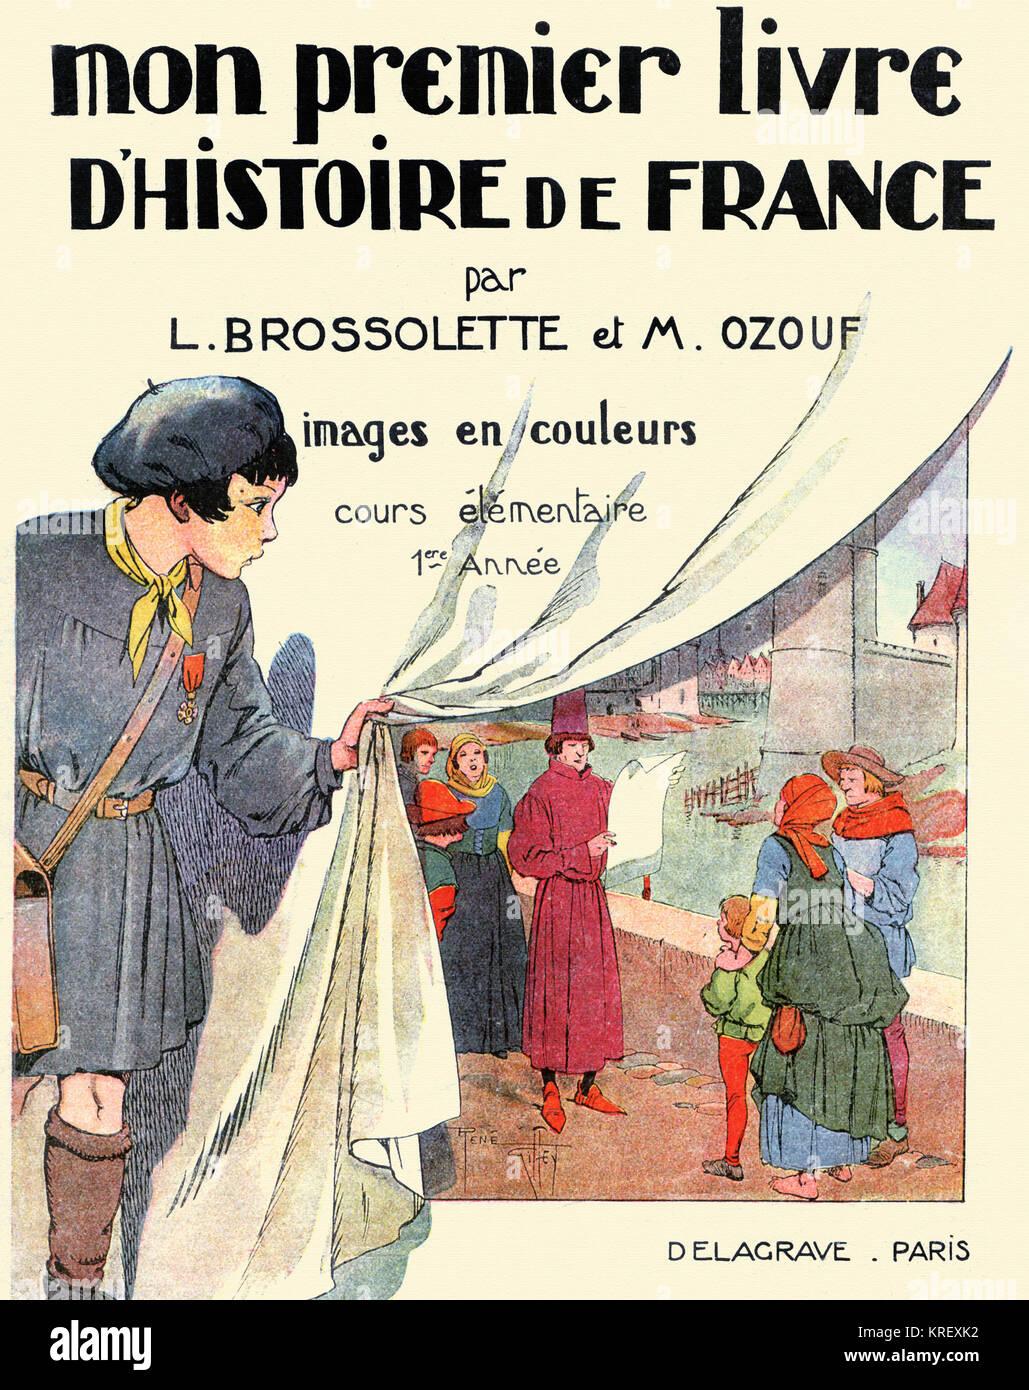 Erstes Buch über die Geschichte Frankreichs Abdeckung Stockbild